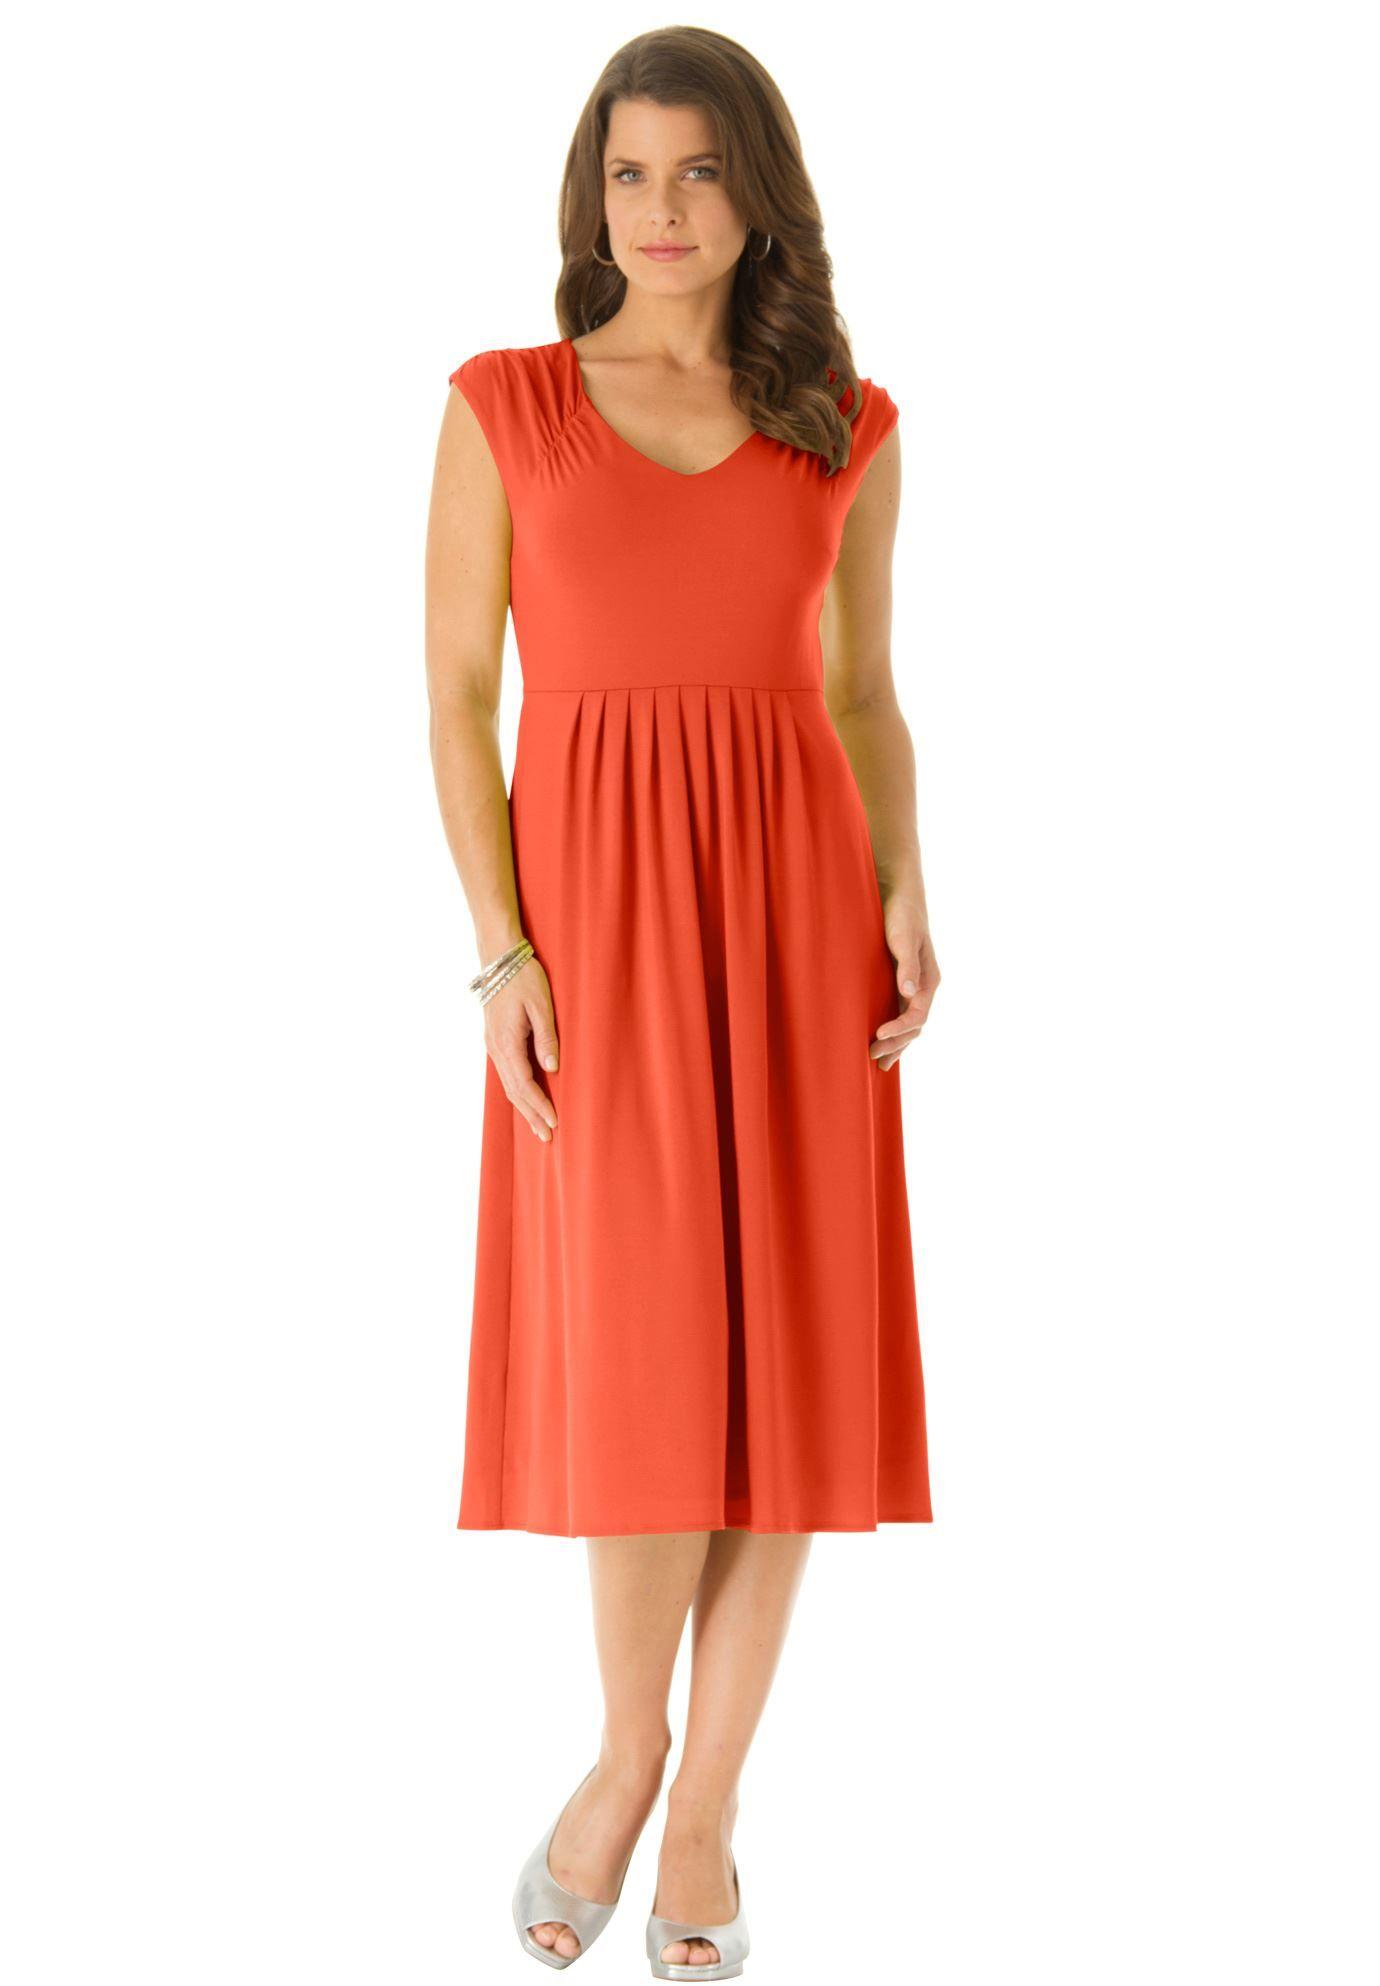 Fit flare dress plus size career dresses roamans